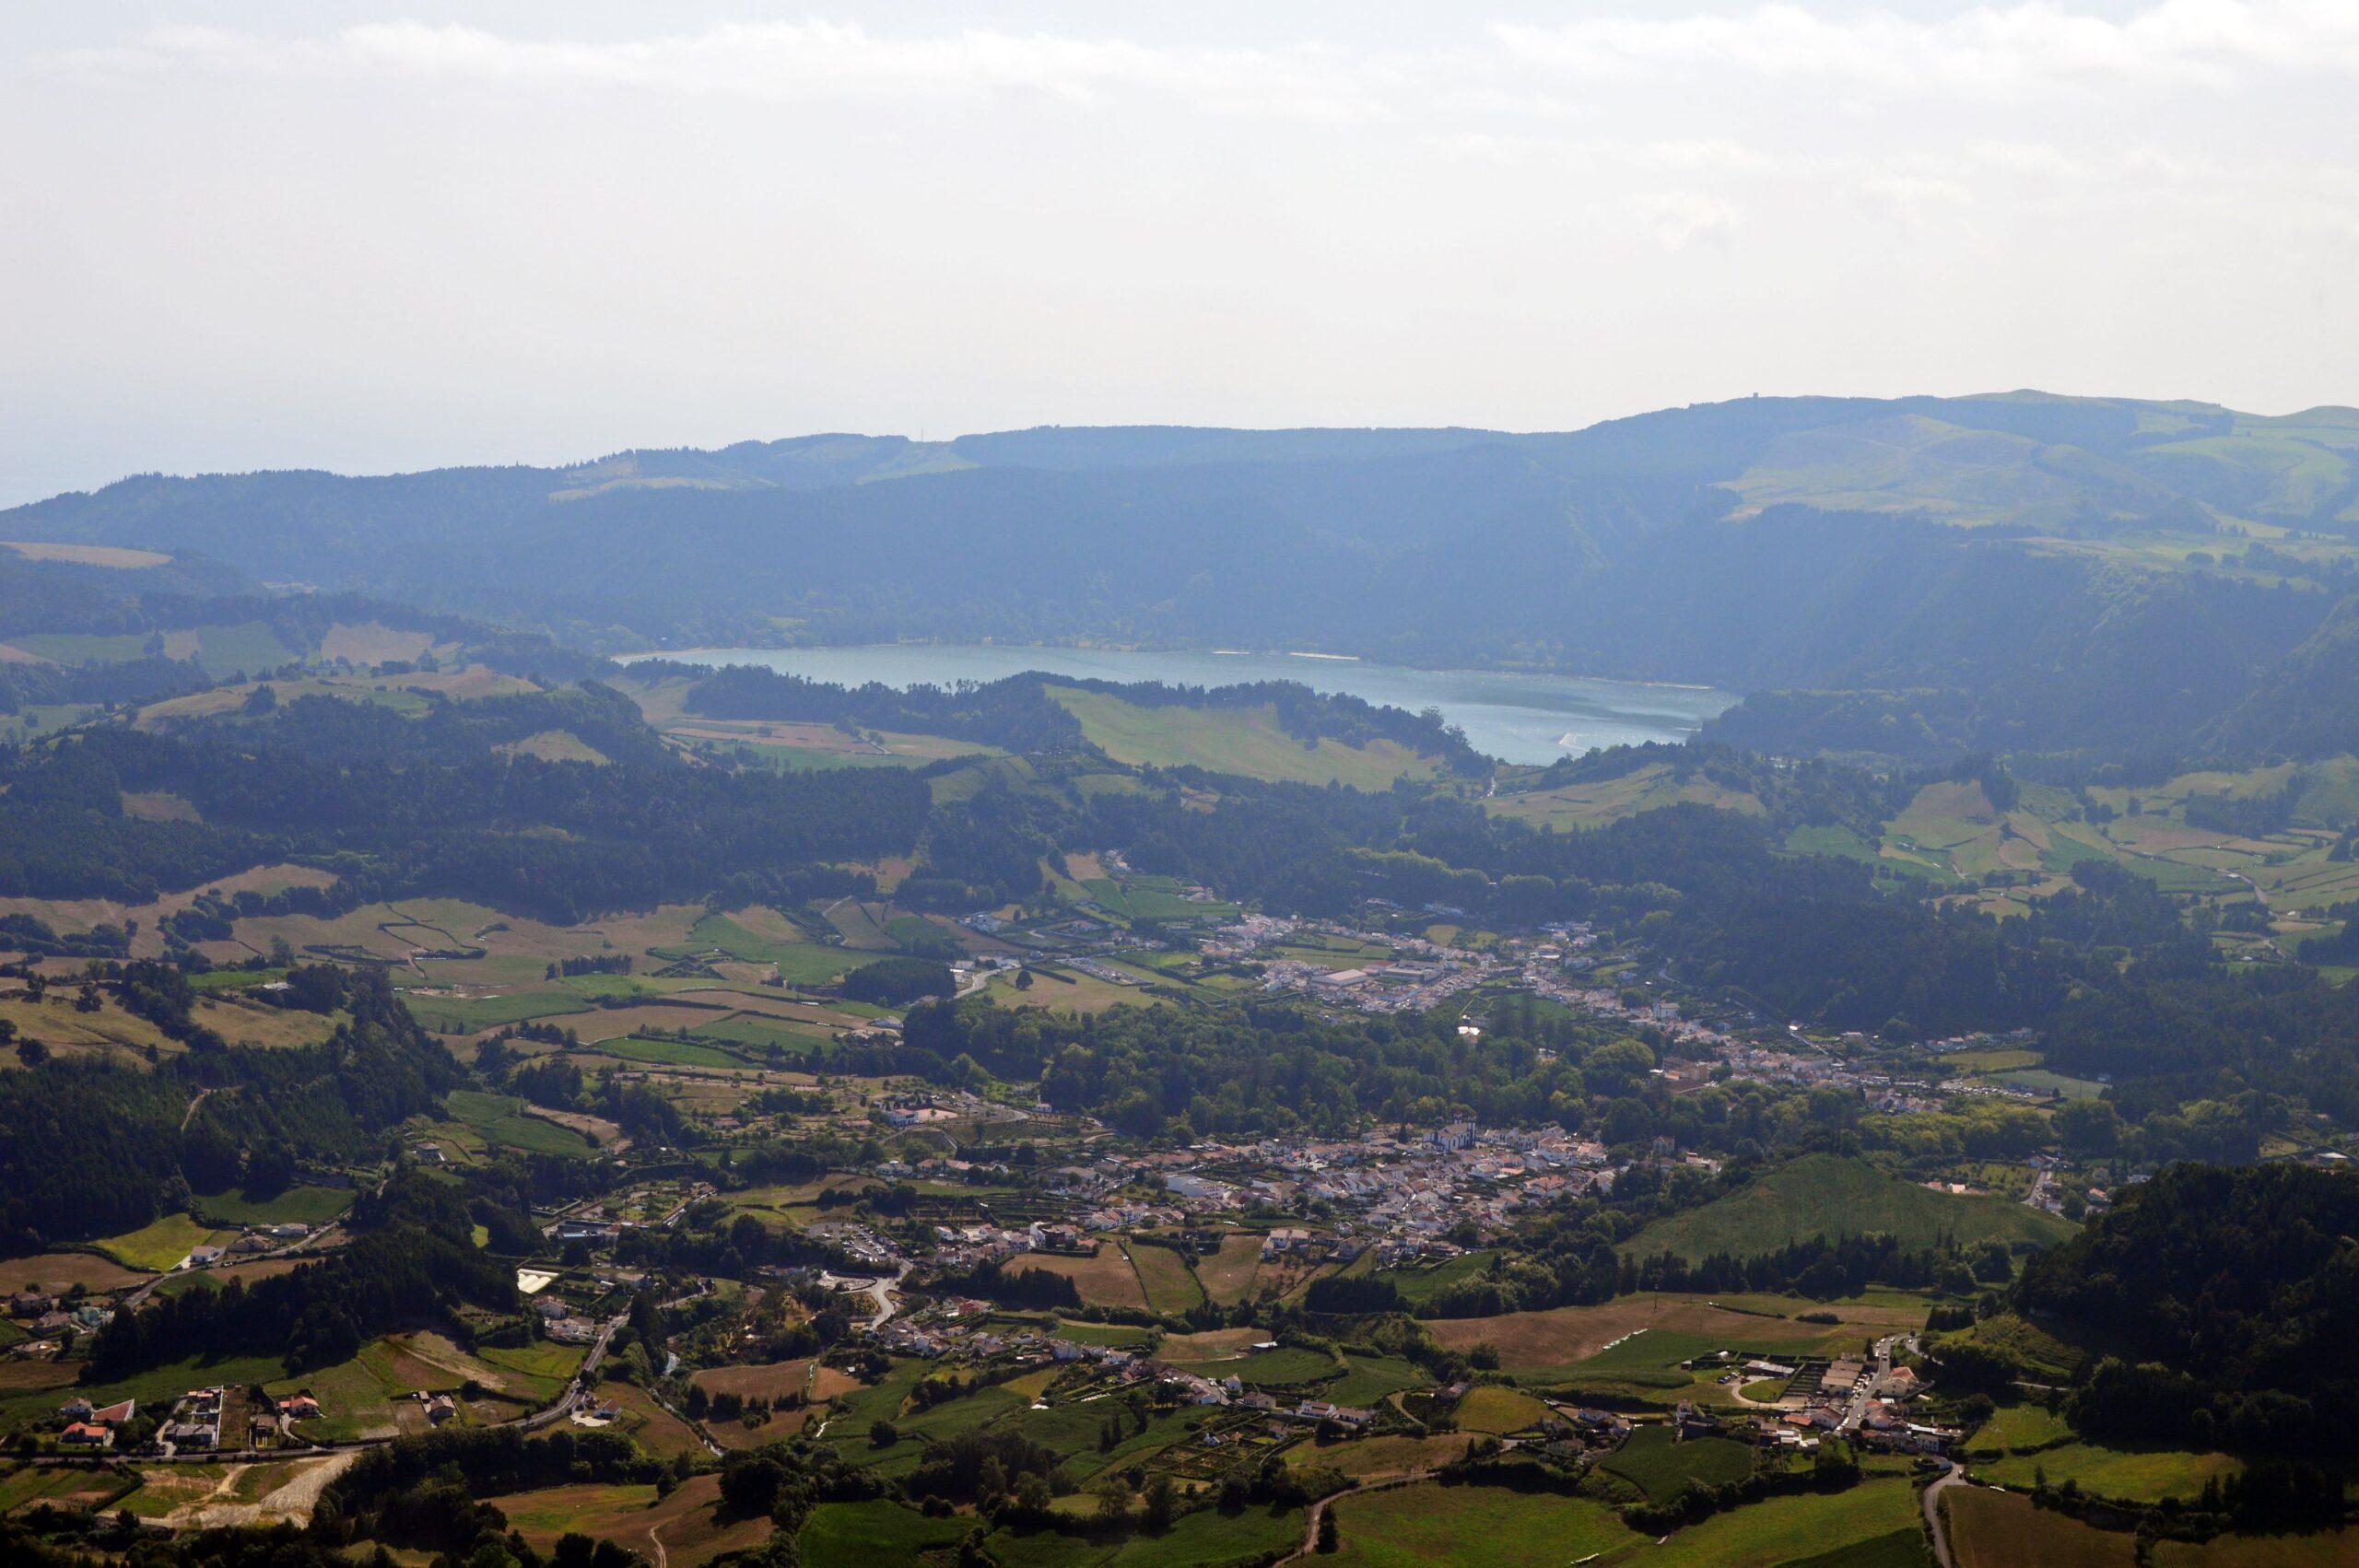 View to Furnas